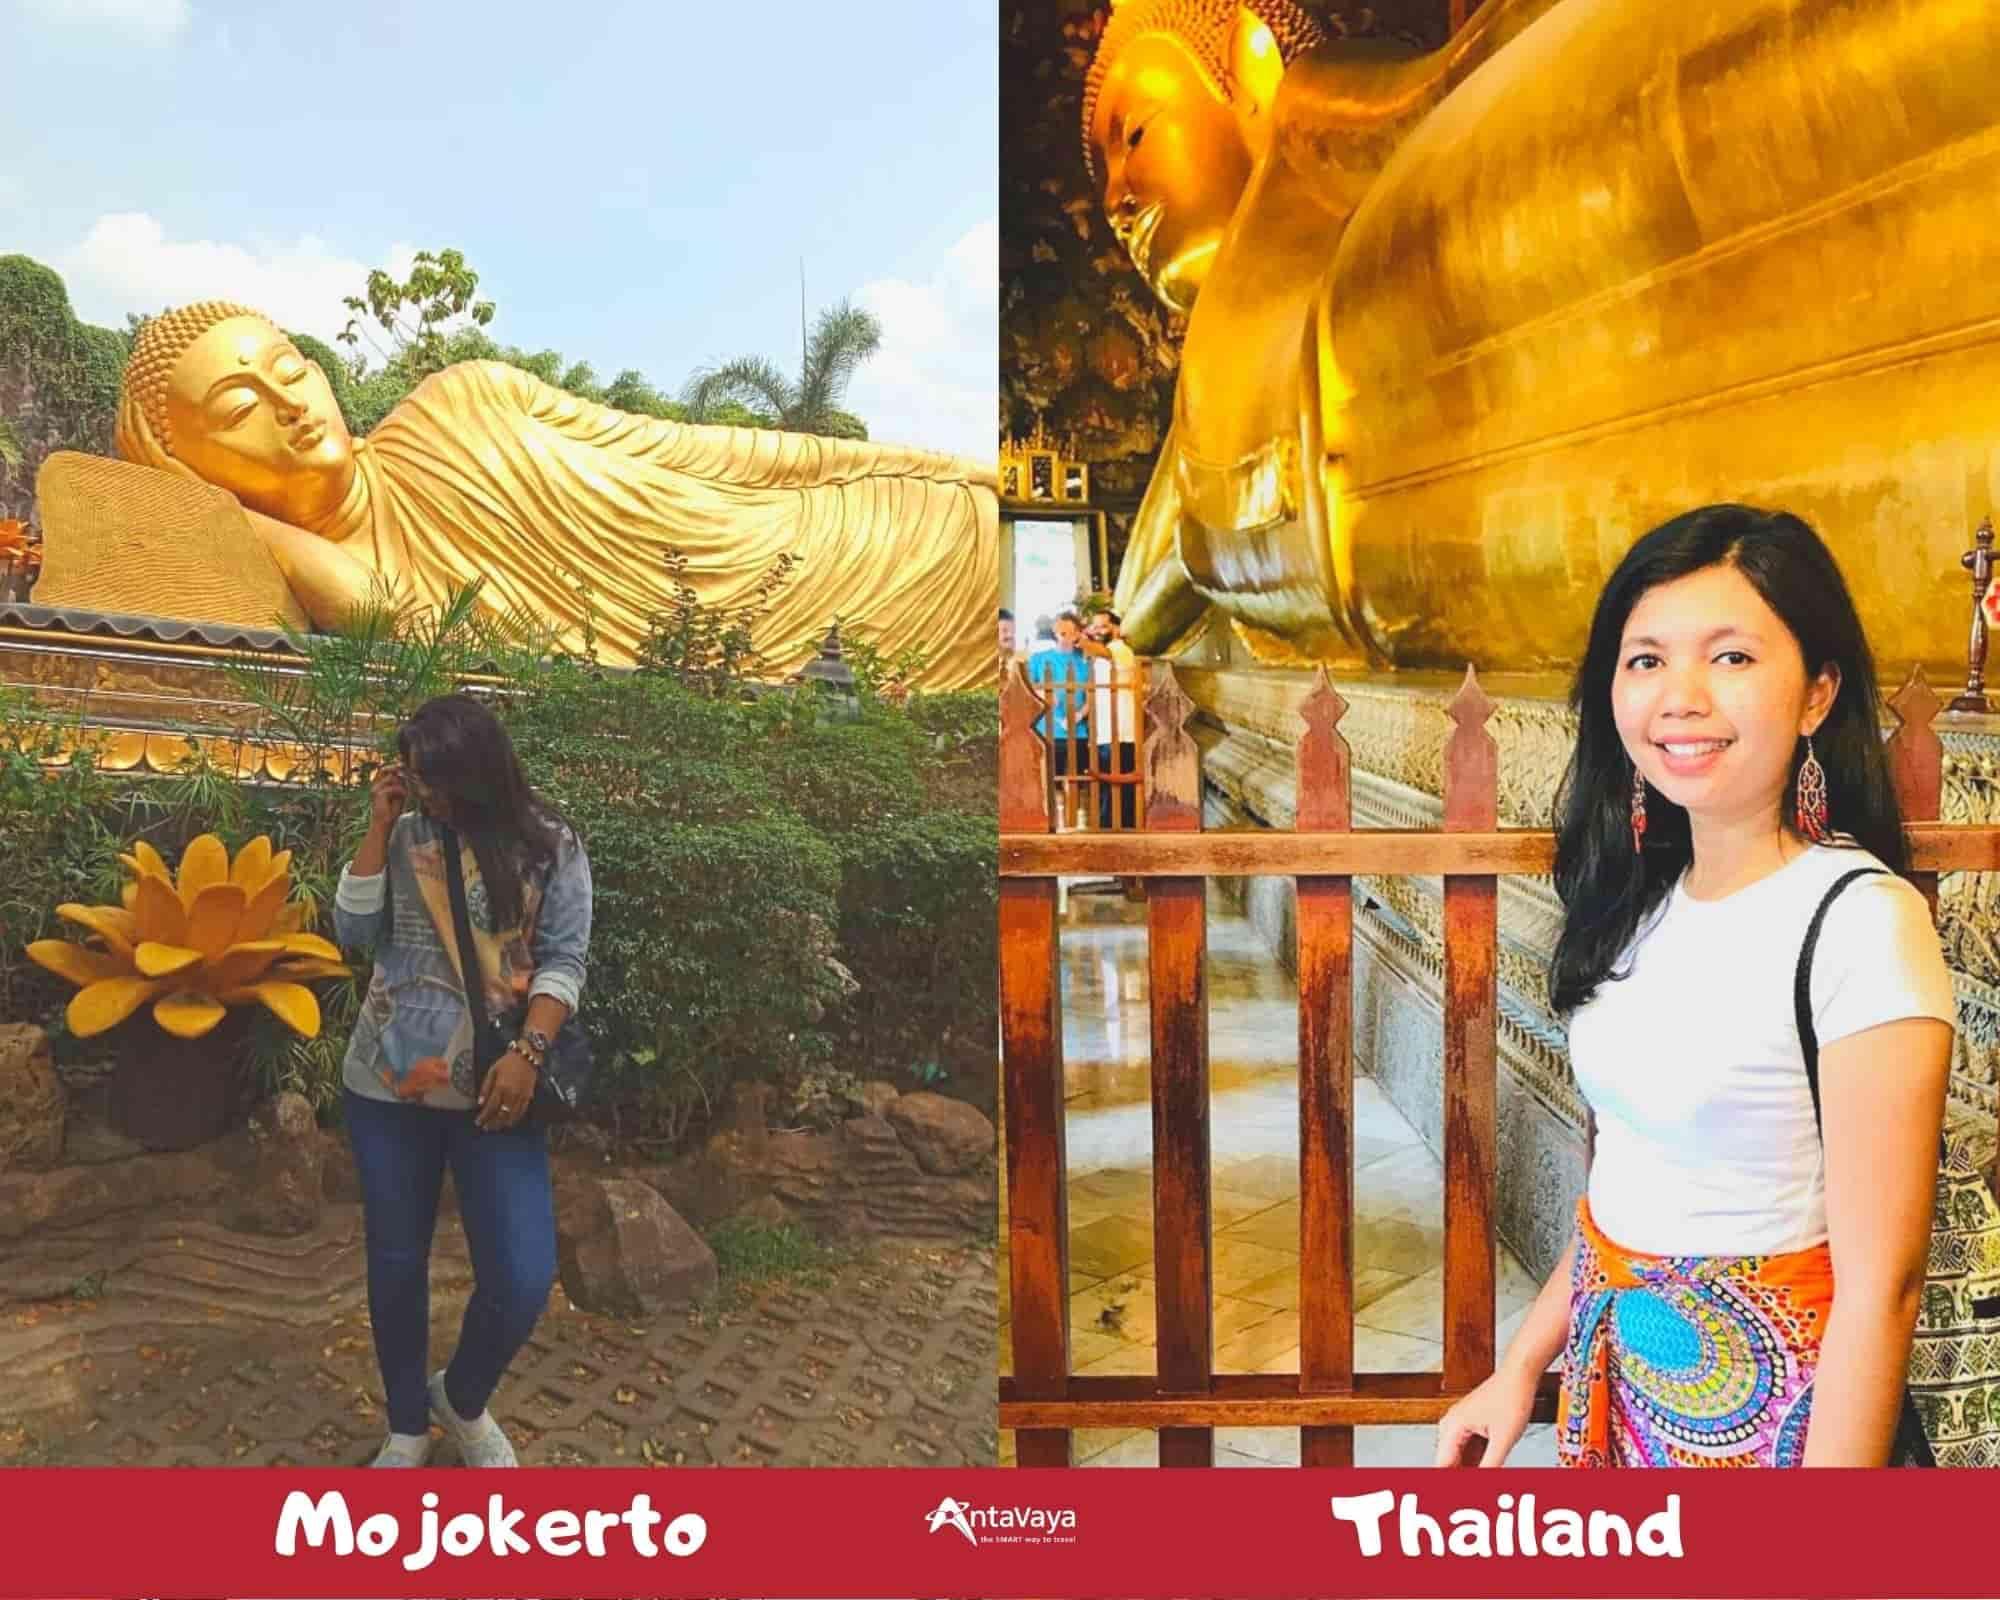 Tempat Wisata Indonesia yang Mirip Luar Negeri - Sumber Instagram queen_wahyuni dan uly_26